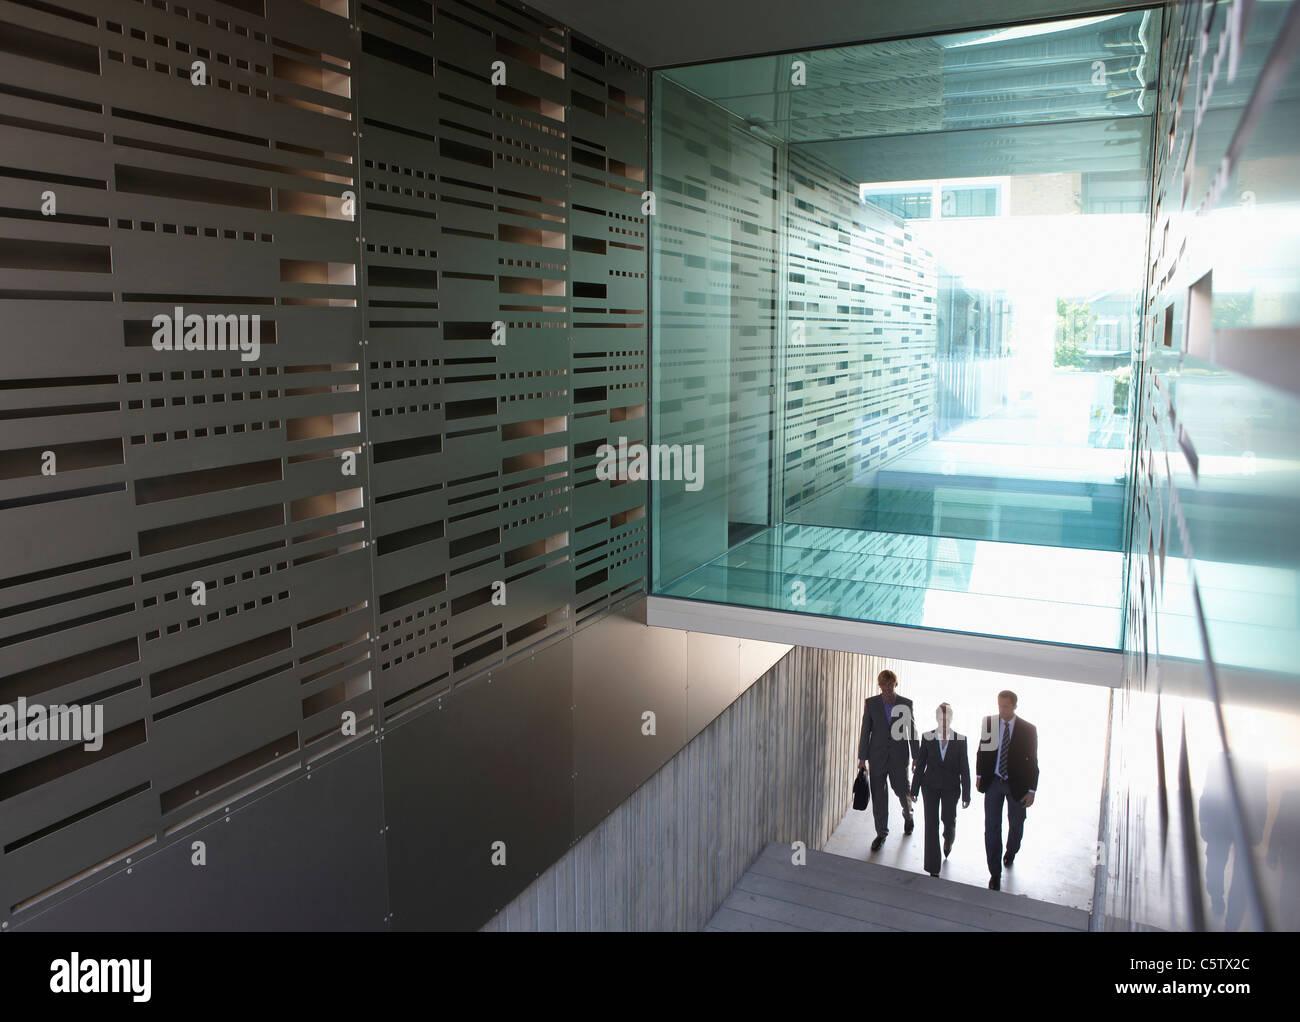 Germania, Colonia, tre uomini di affari in scala, vista in elevazione Immagini Stock